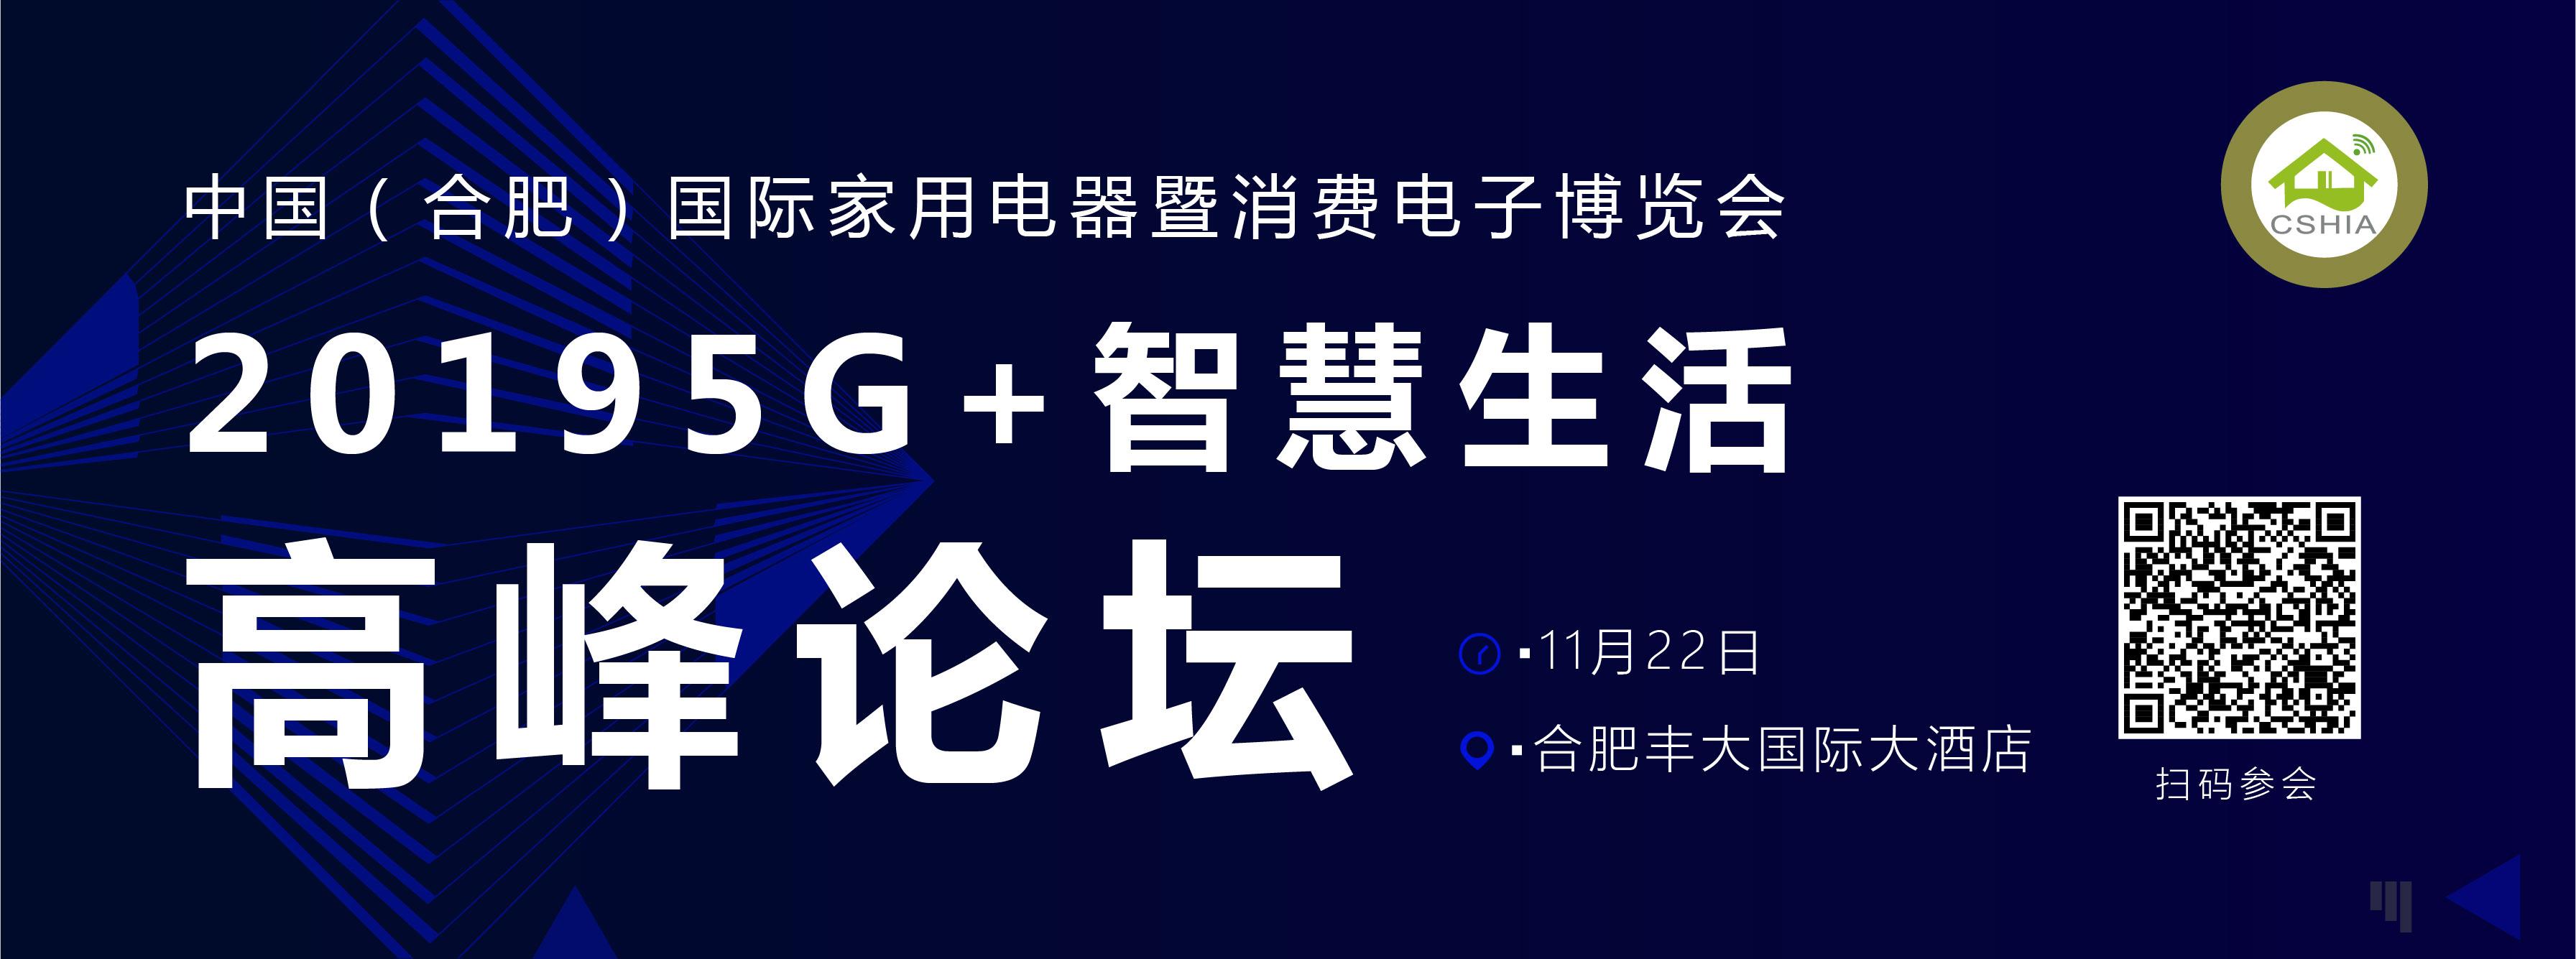 中国(合肥)国际家用电器暨消费电子博览会:2019 5G+智慧生活高峰论坛